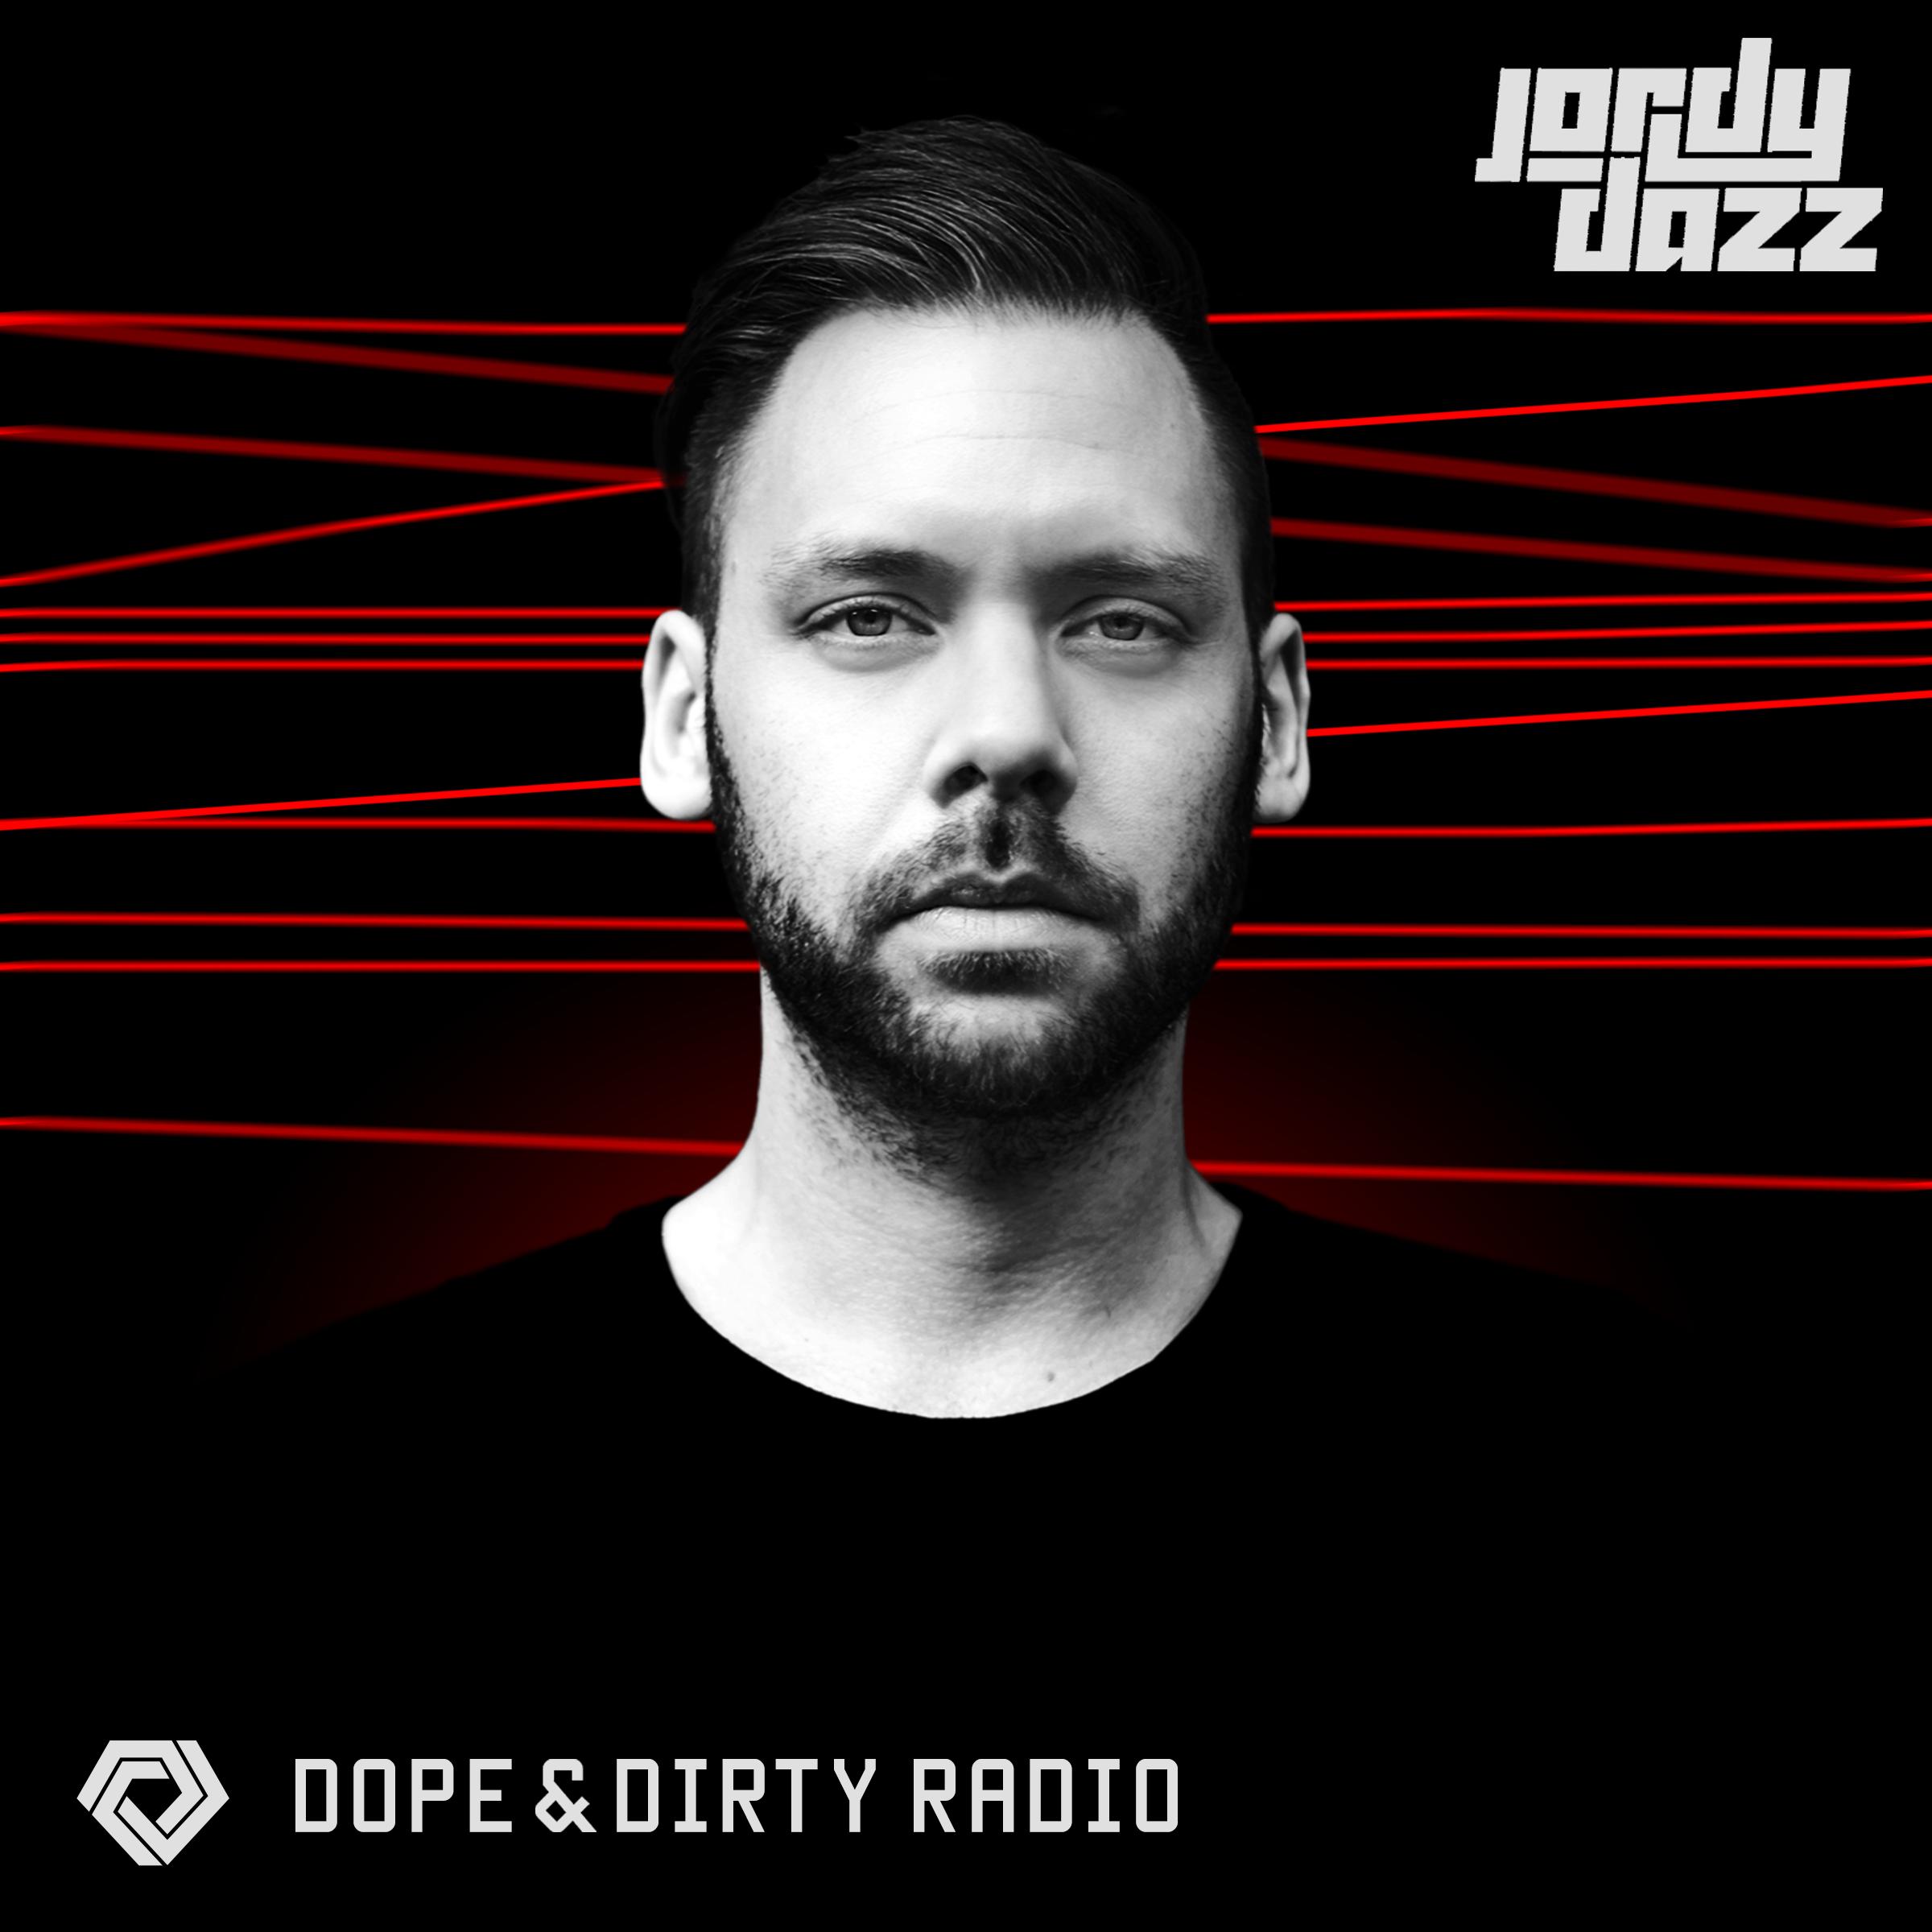 Jordy Dazz presents Dope & Dirty Radio